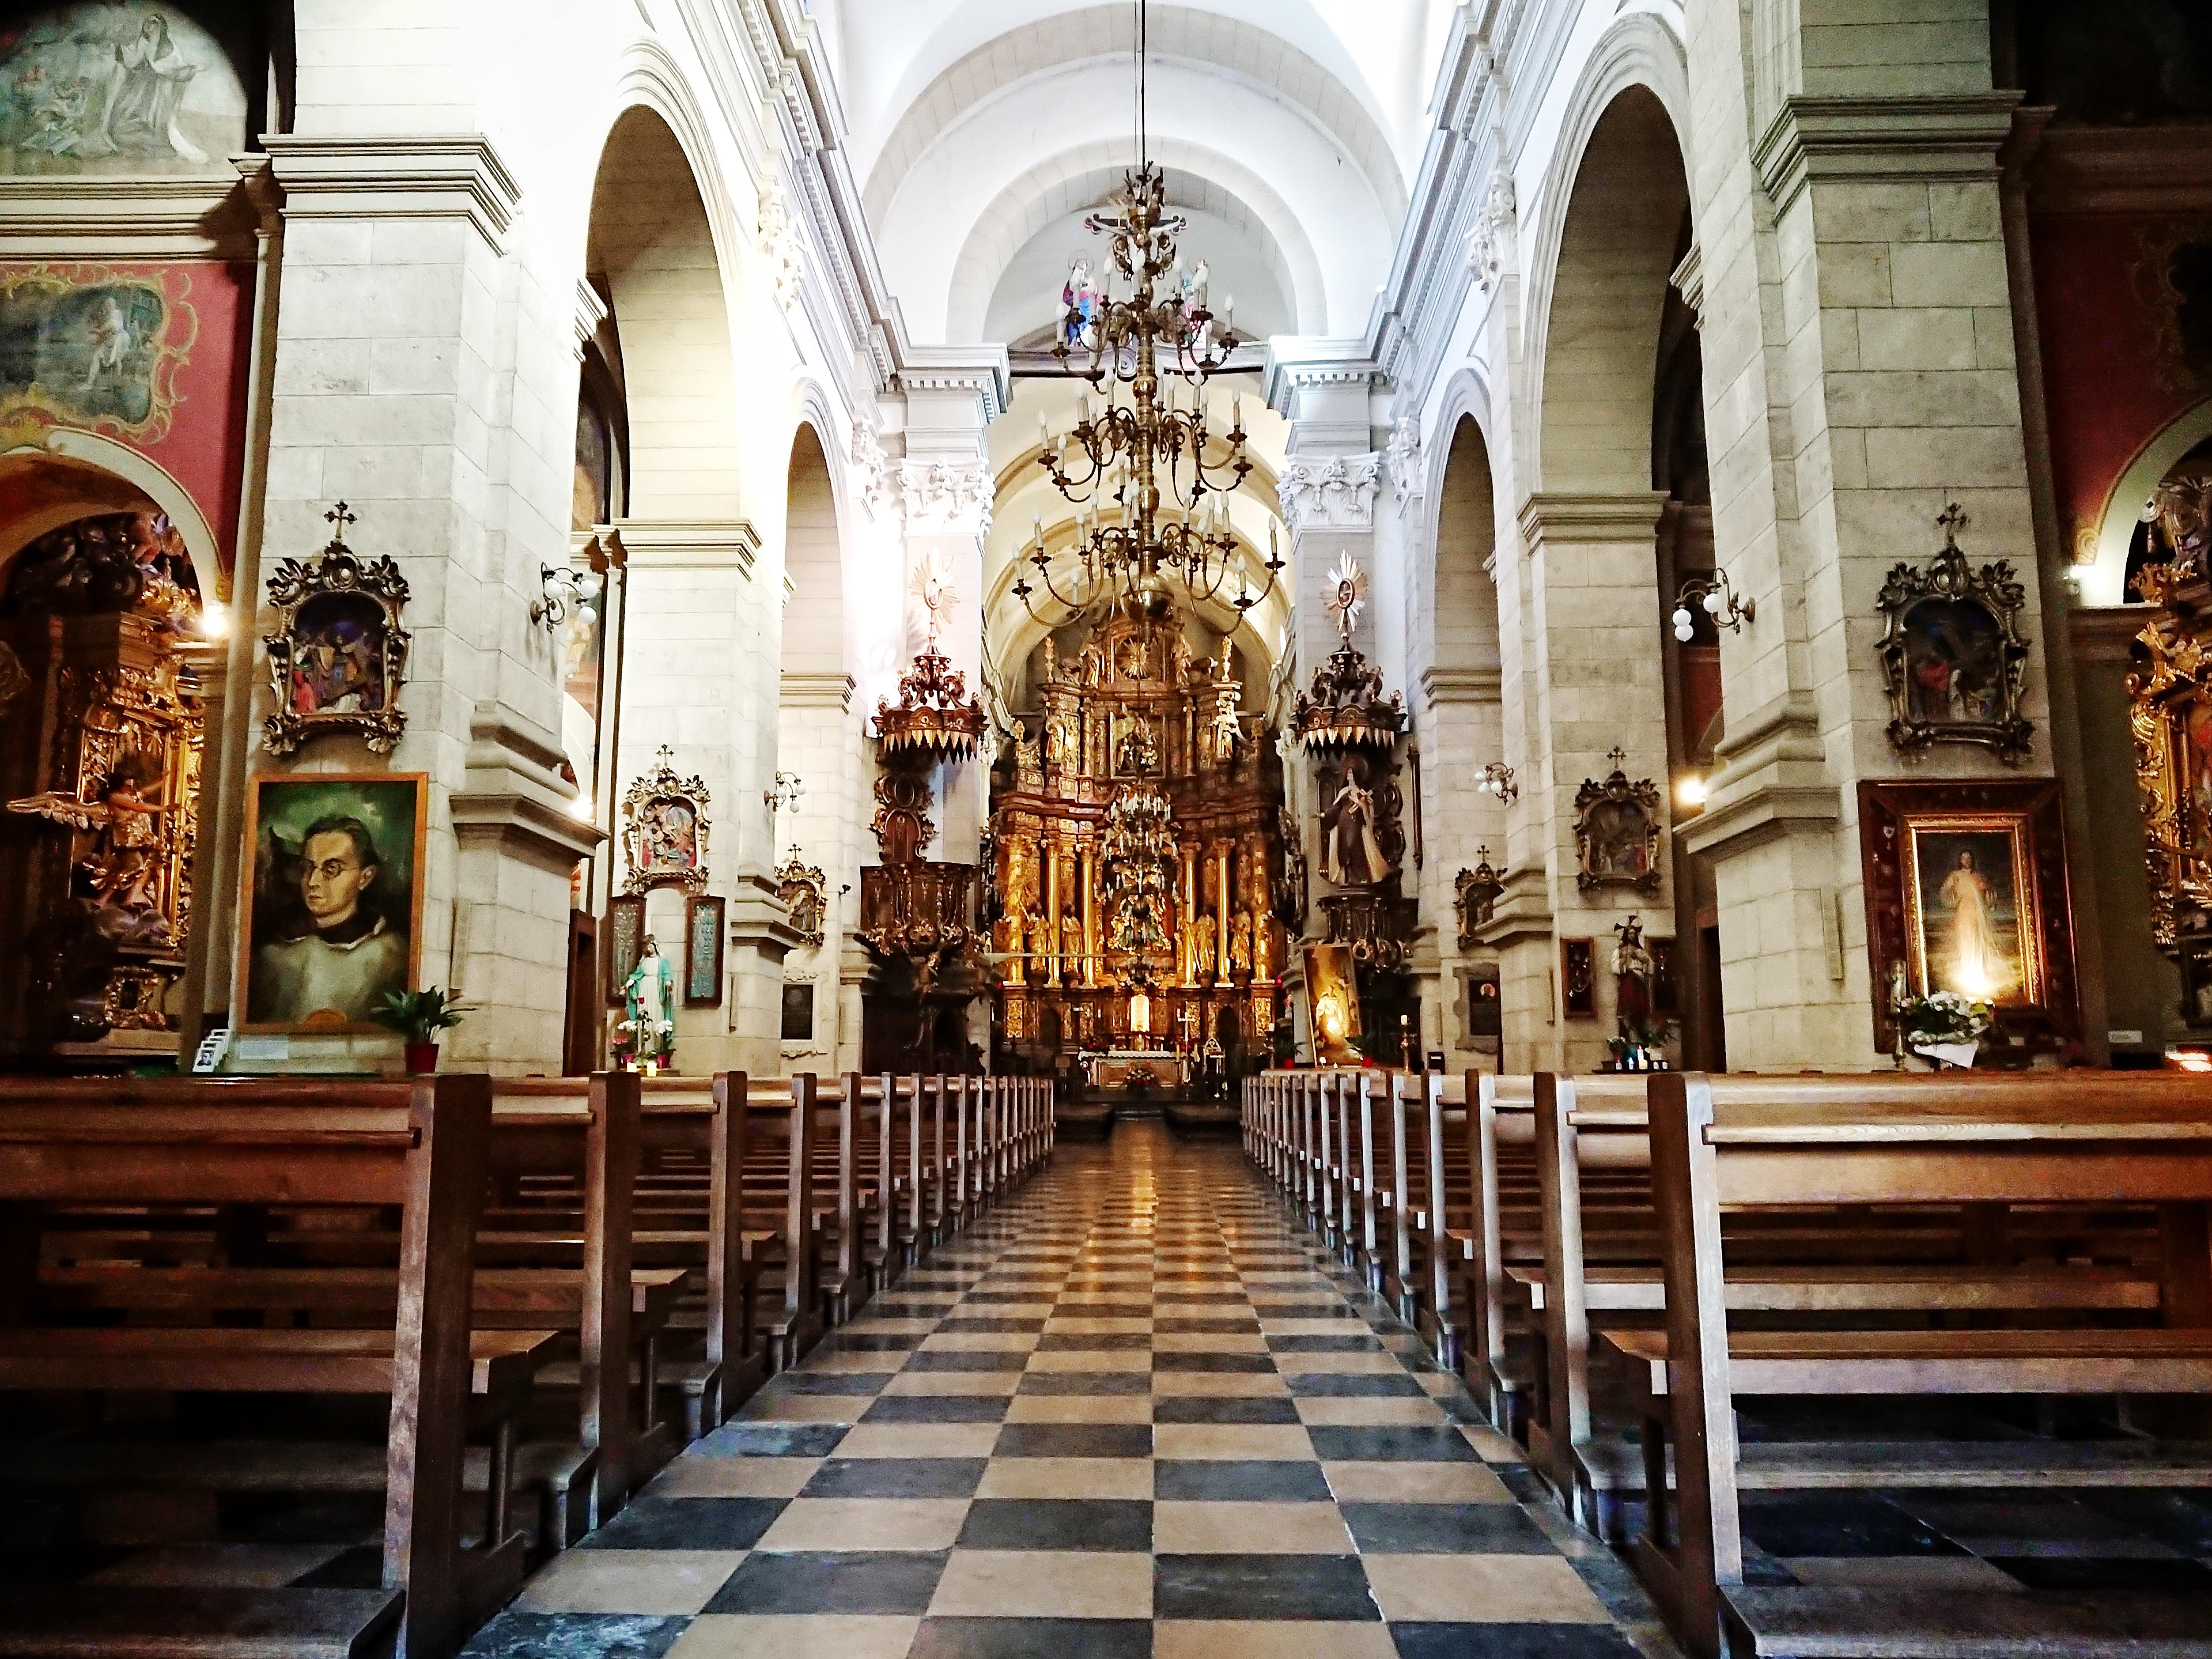 Wnętrze kościoła Karmelitów na Piasku, źródło: archiwum autorki